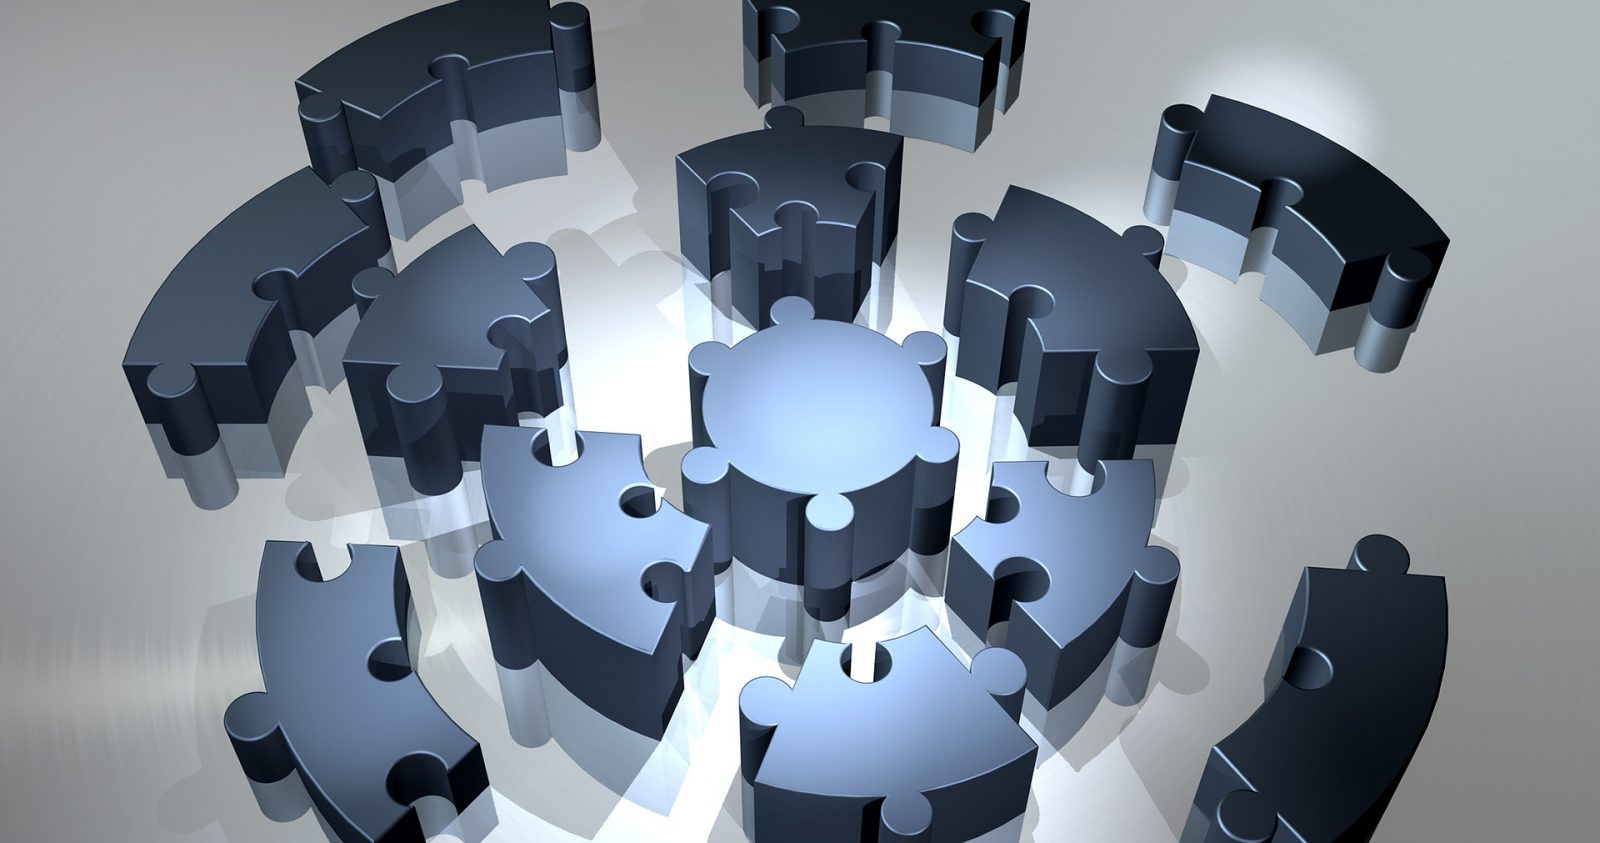 puzzle 1713170 1920